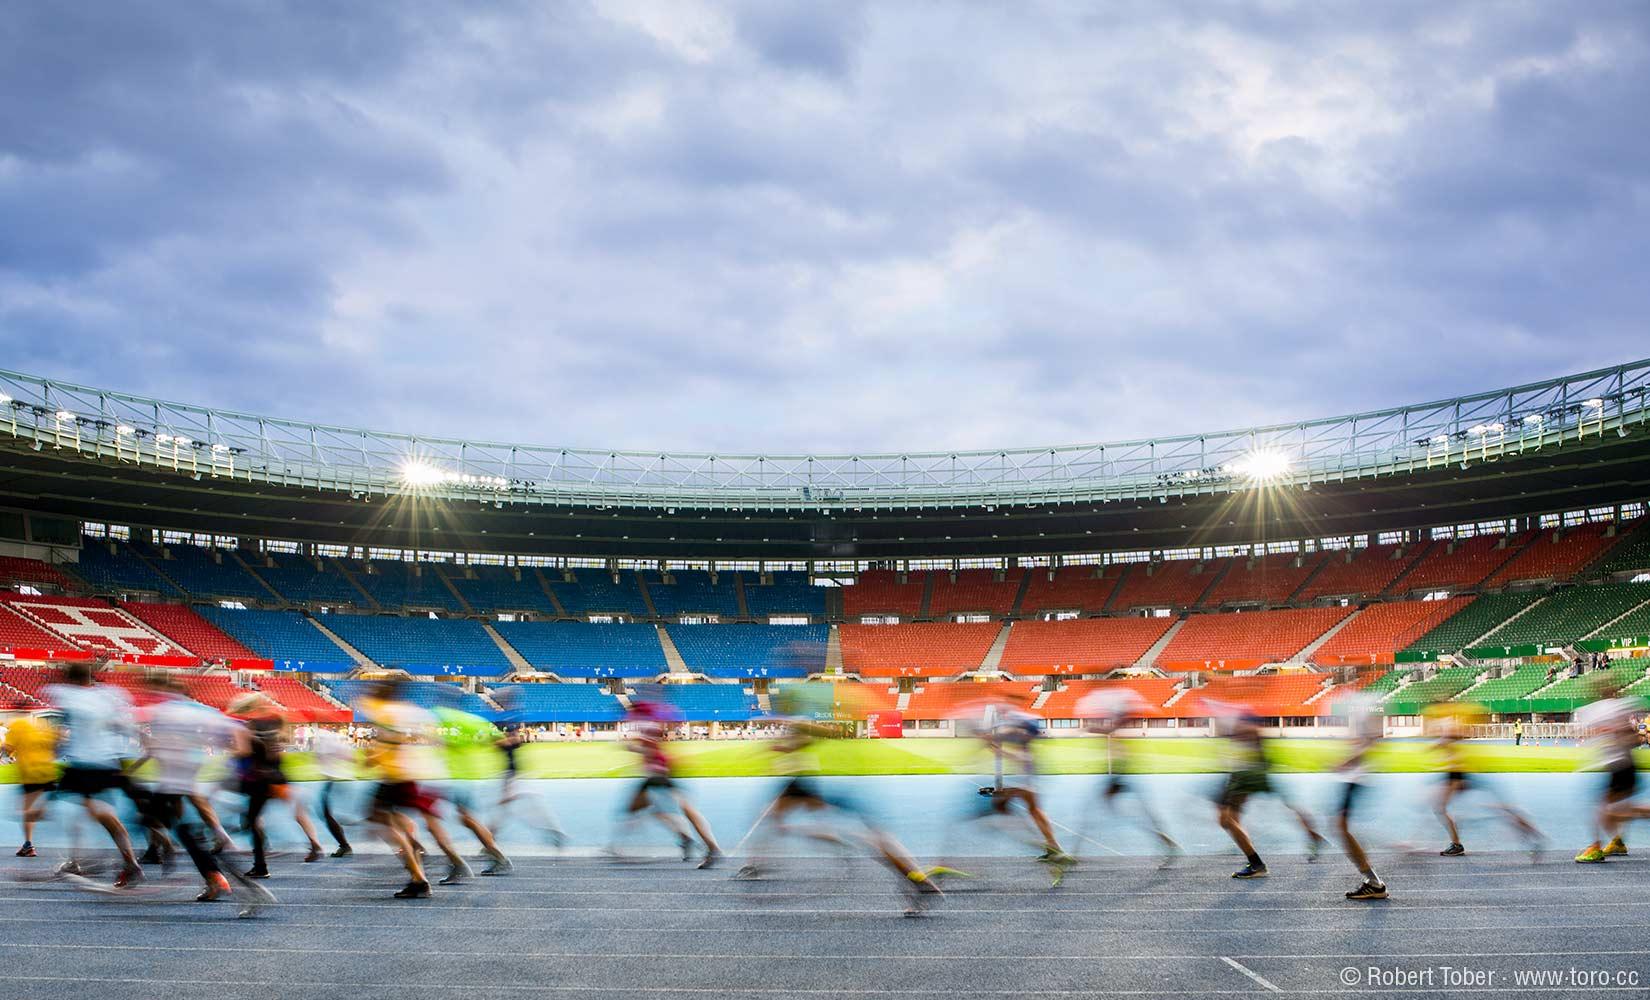 Der Ernst Happel Stadion in der Abenddämmerung. Im Vordergrund Läufer mit Bewegungsunschärfe. © Robert Tober